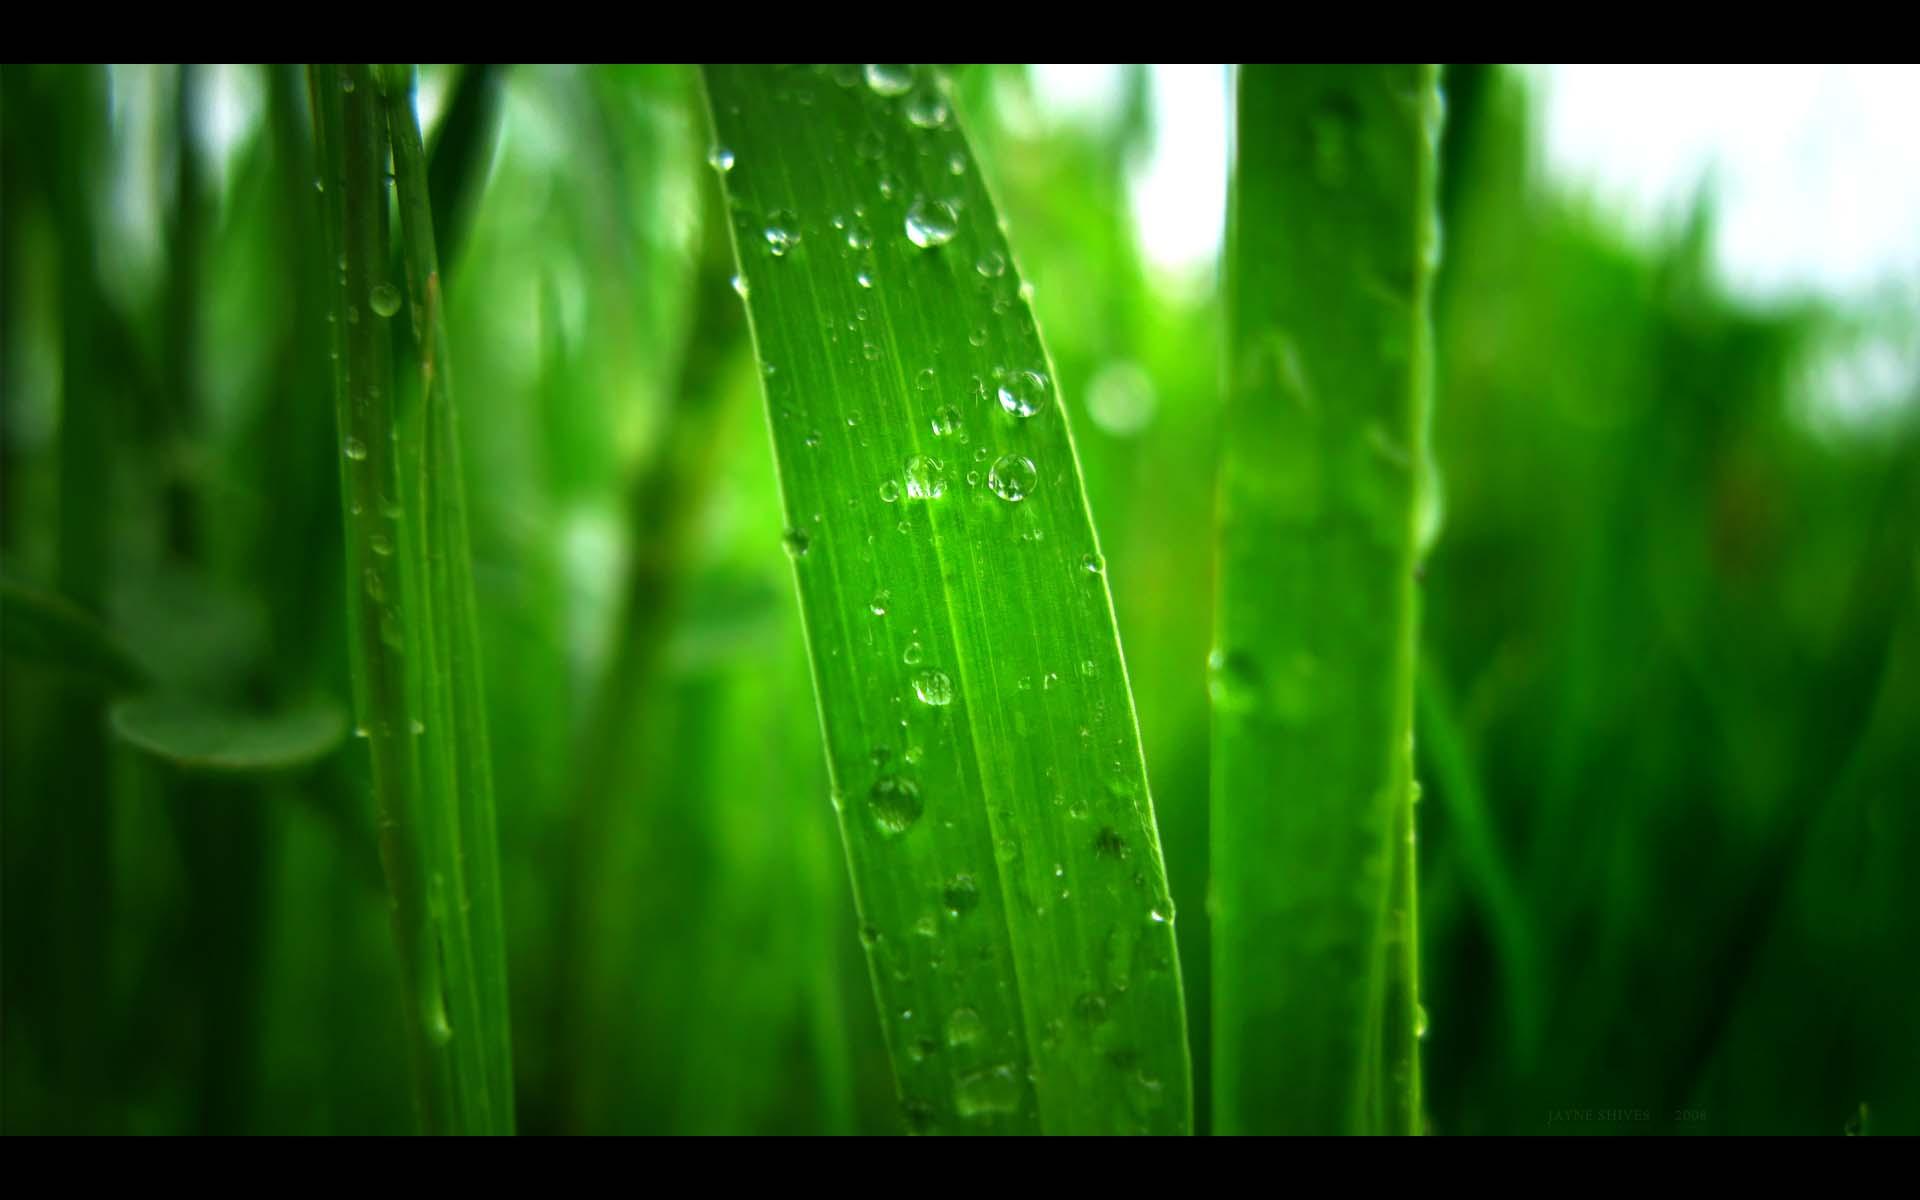 Falling Water Wallpaper 1080p Free Green Backgrounds Pixelstalk Net